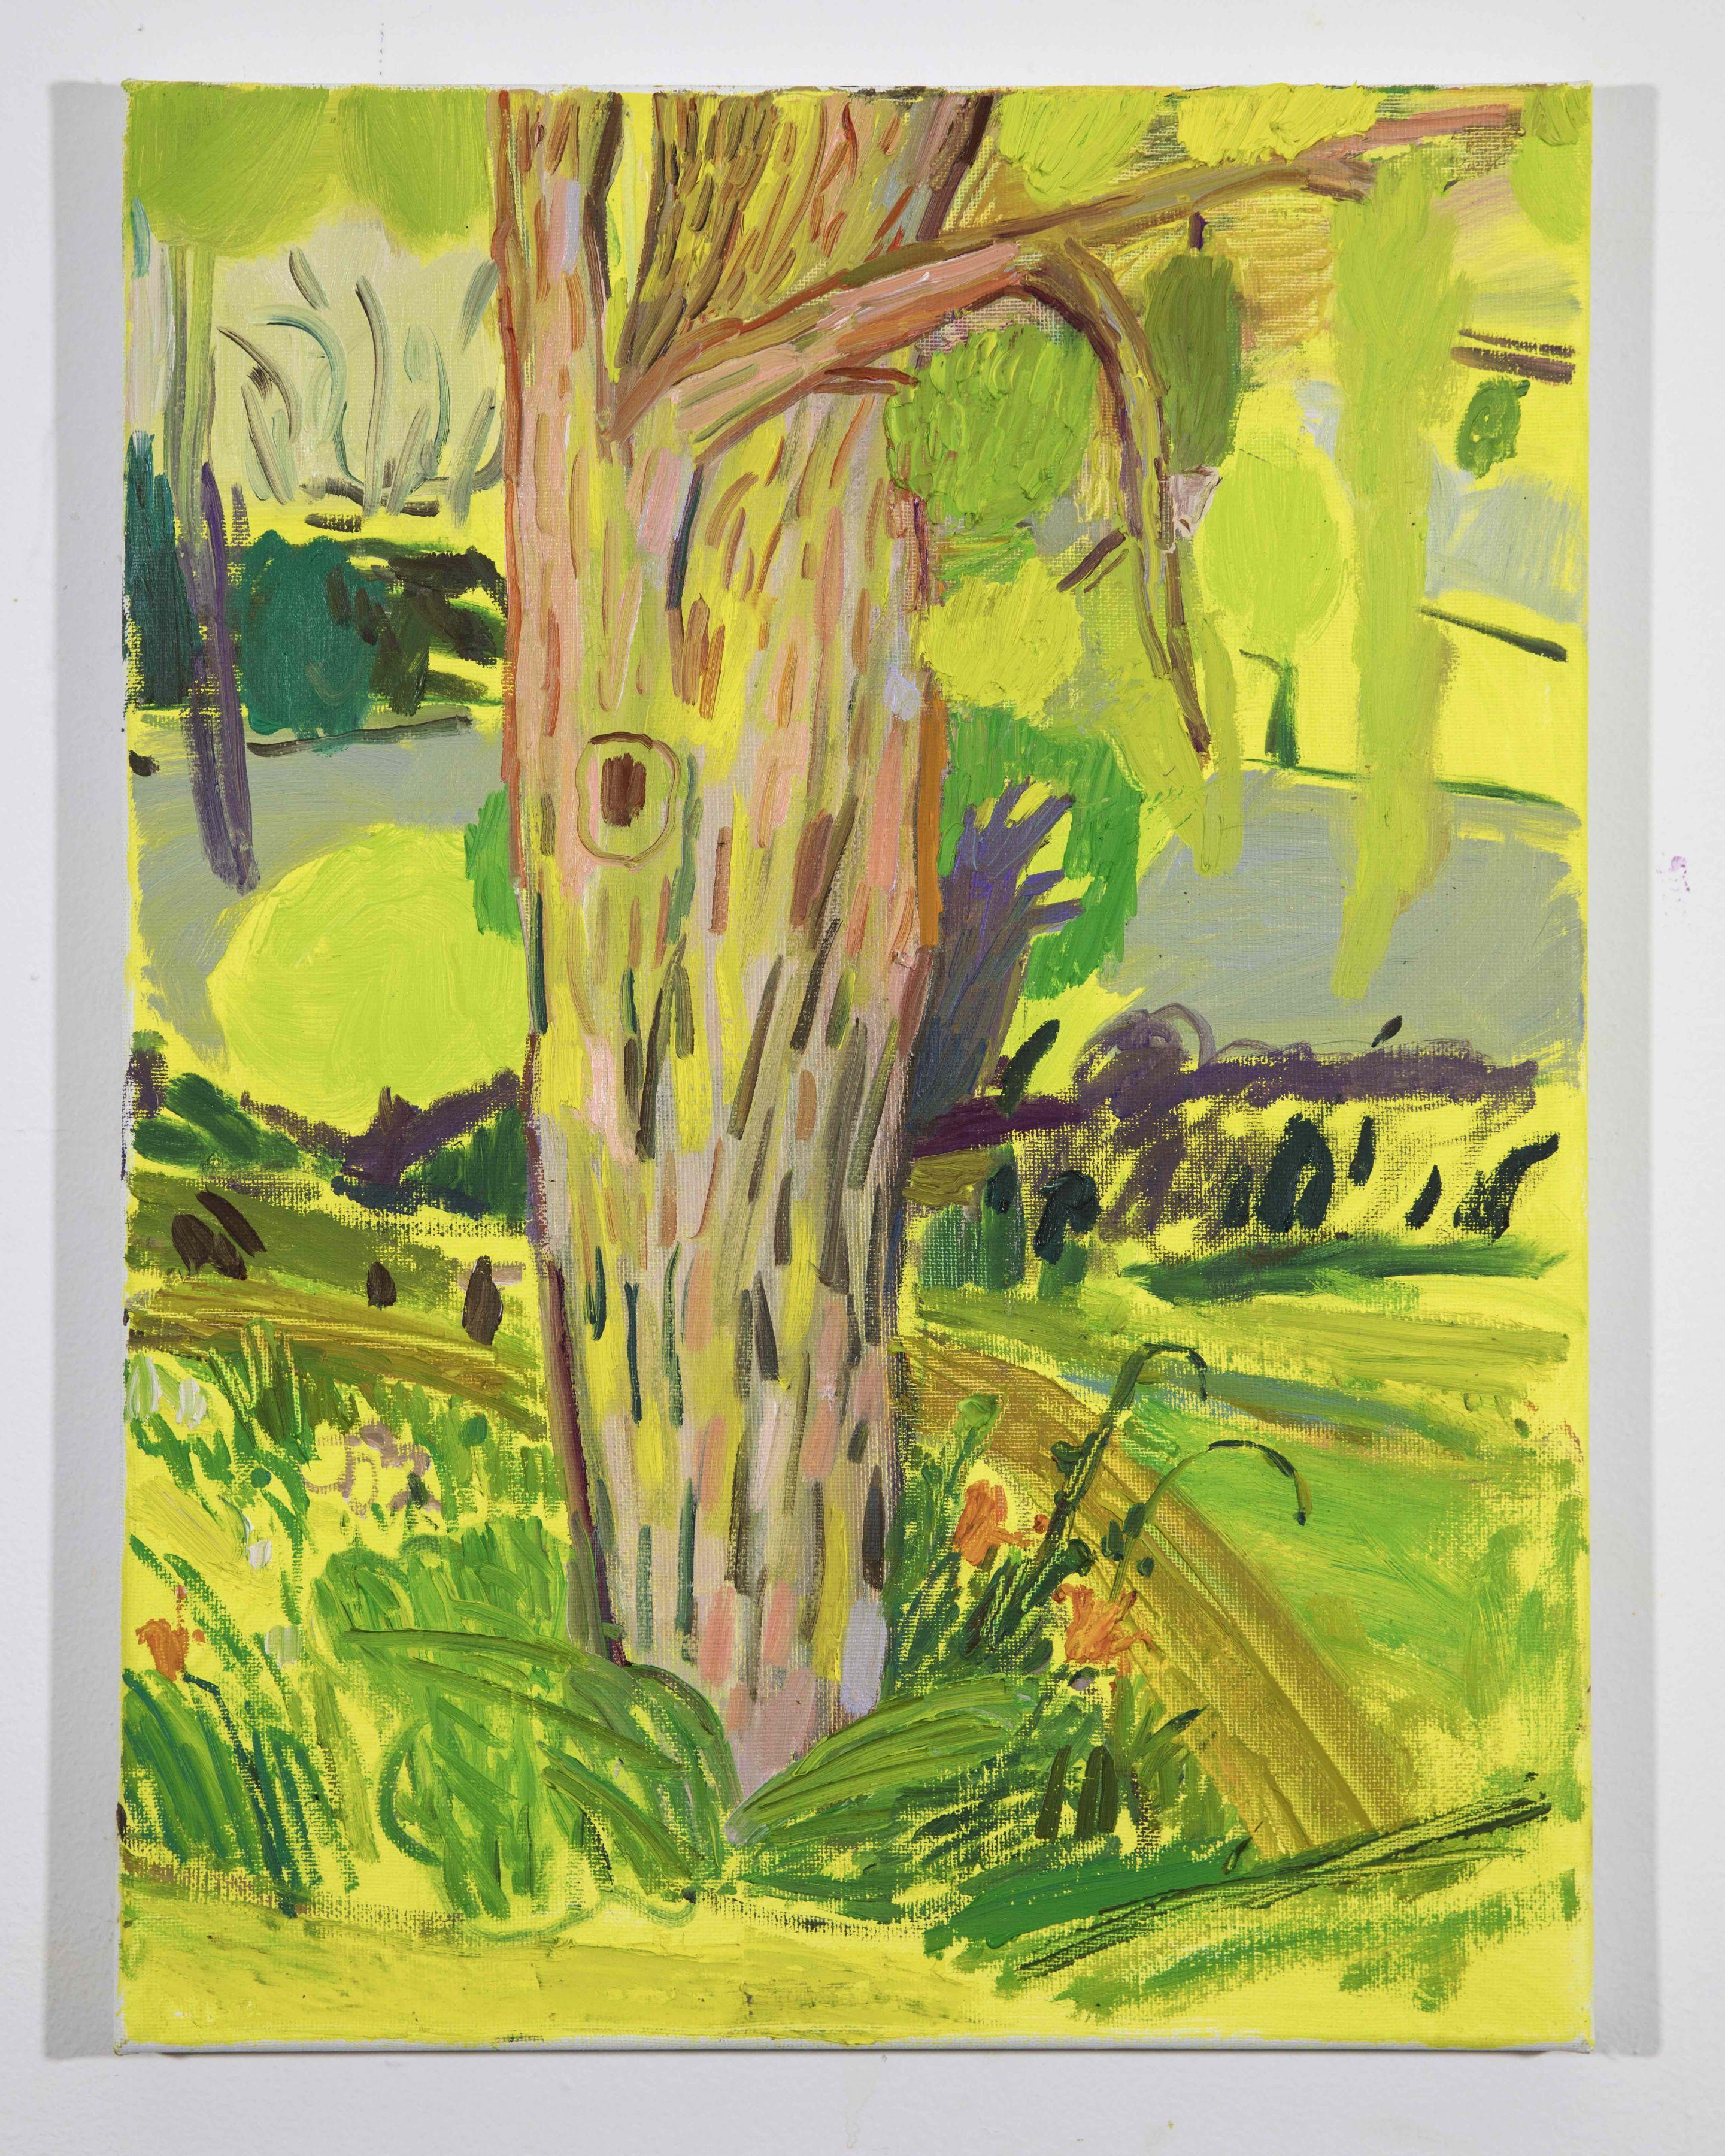 LISA SANDITZ, Landscape Color Study 1, 2019